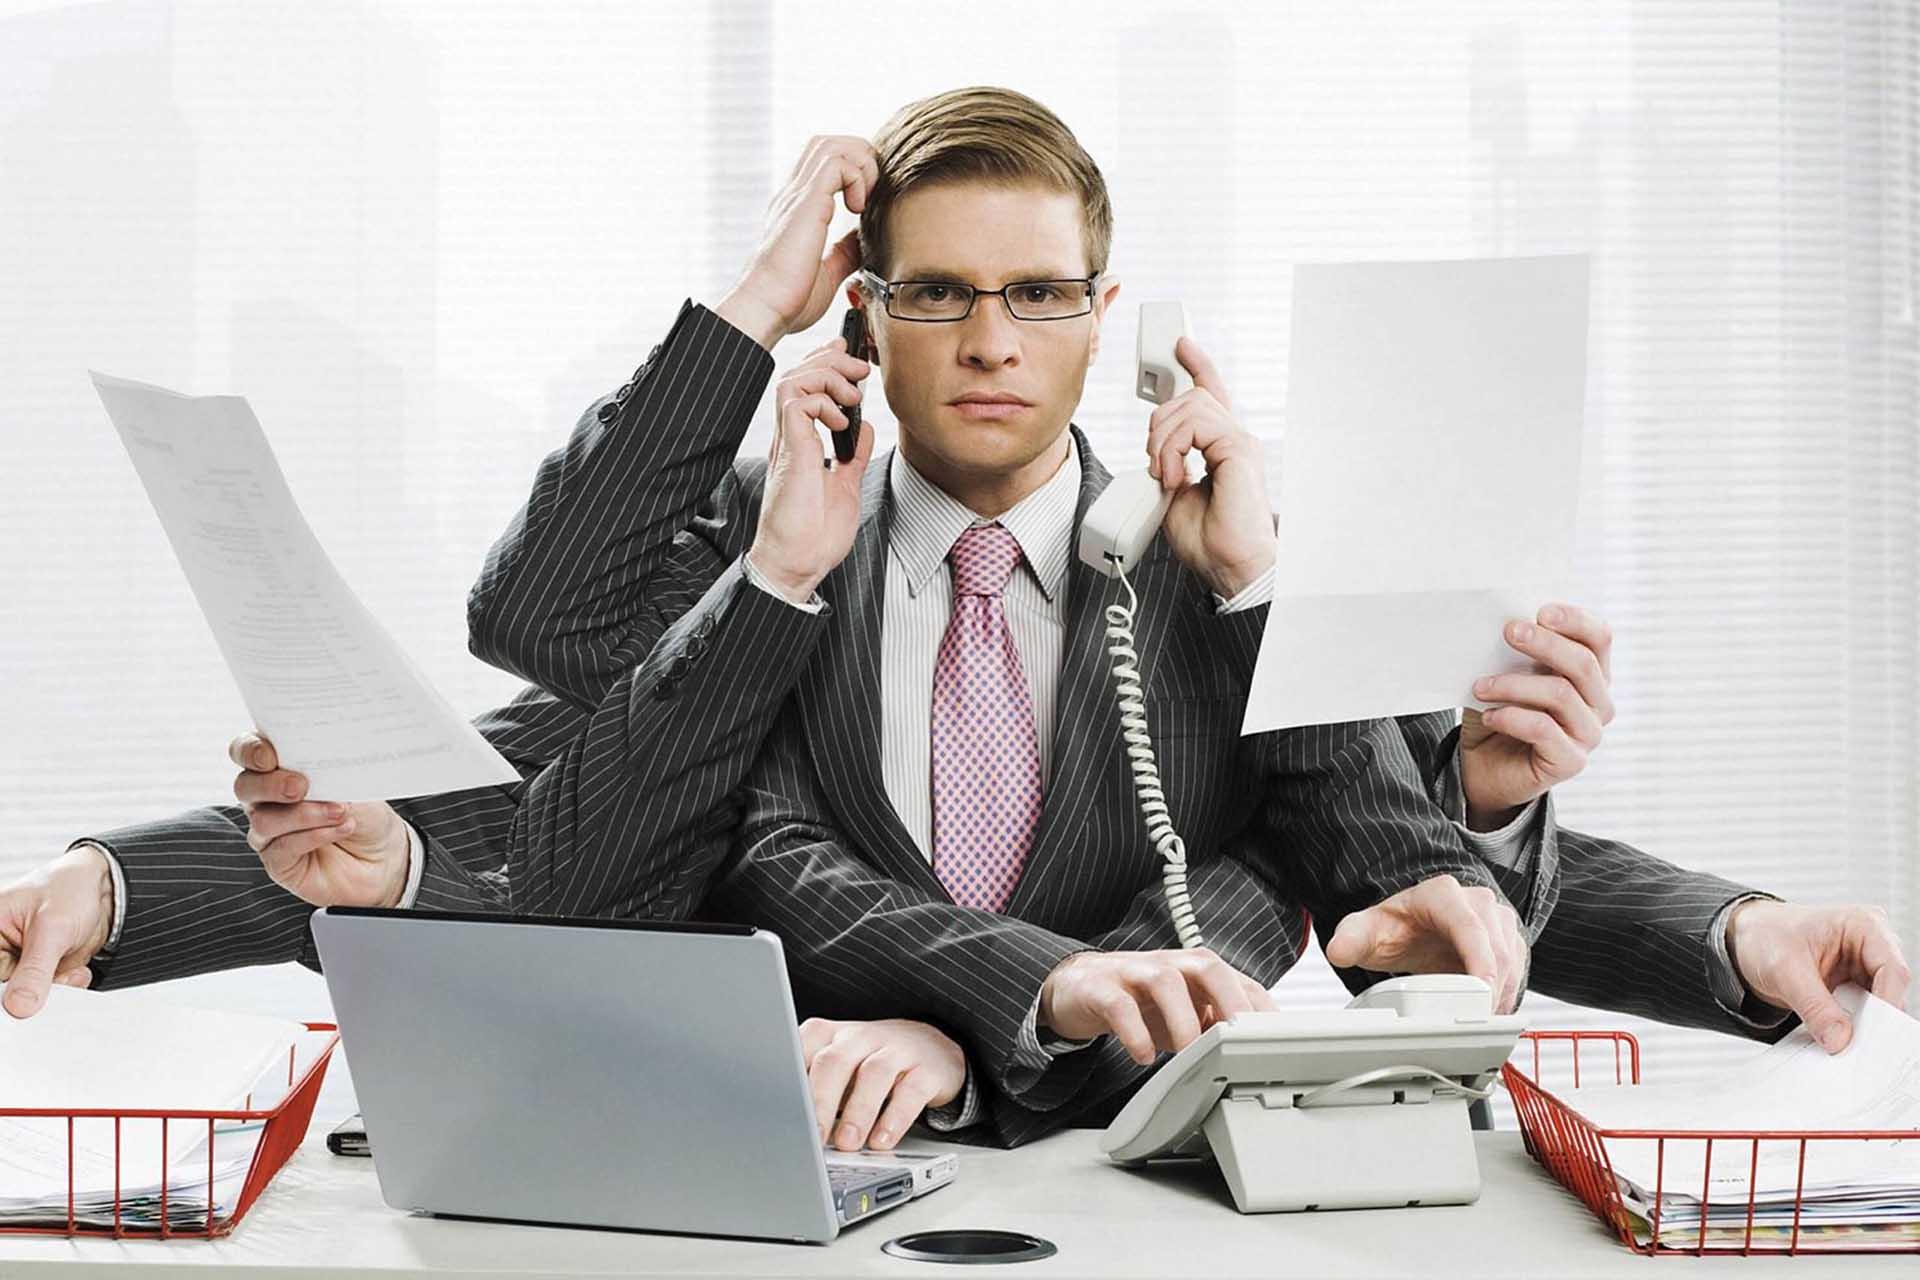 Бесплатный вебинар: Многорукий руководитель: как все успевать и контролировать?